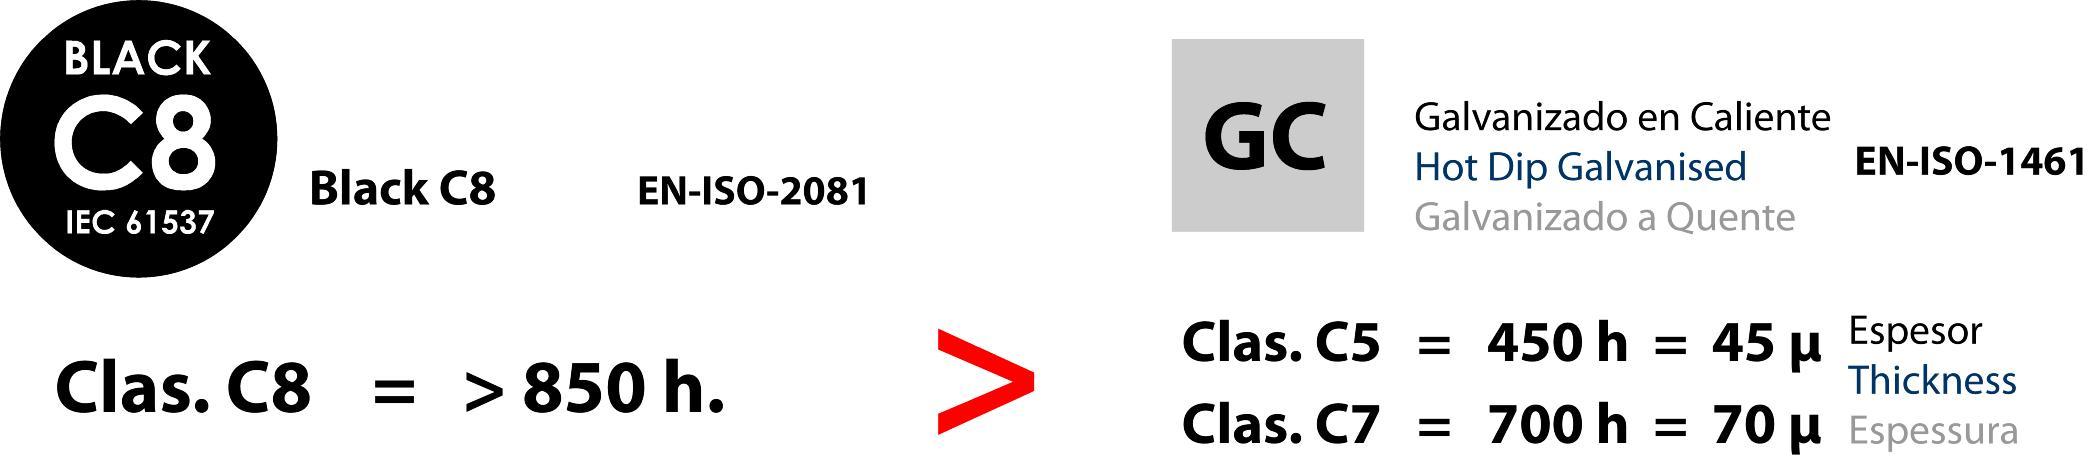 Grafico Comparativo Horas y Espesor C8 Vs GC_POR